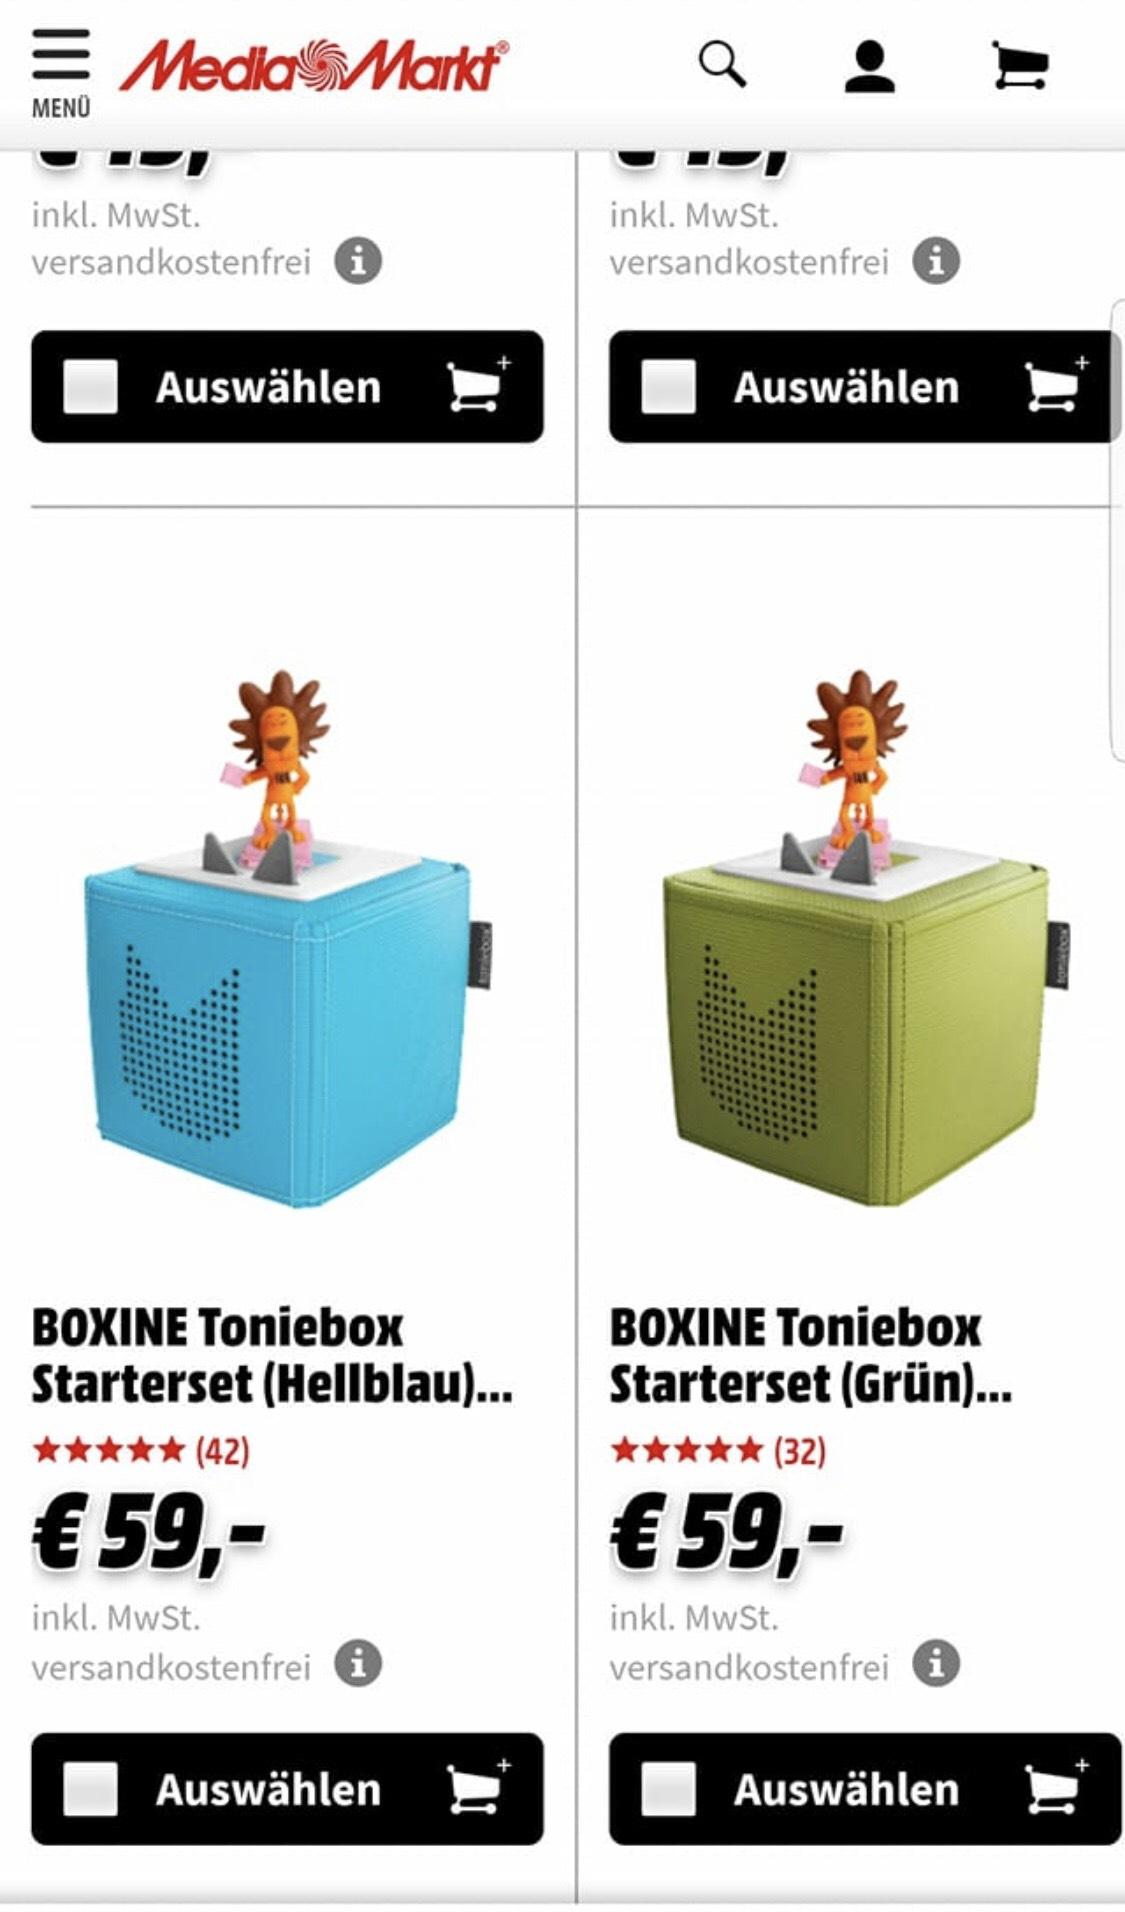 BOXINE Toniebox blau und grün mit Löwe 59Euro/ Content Tonies 12Euro